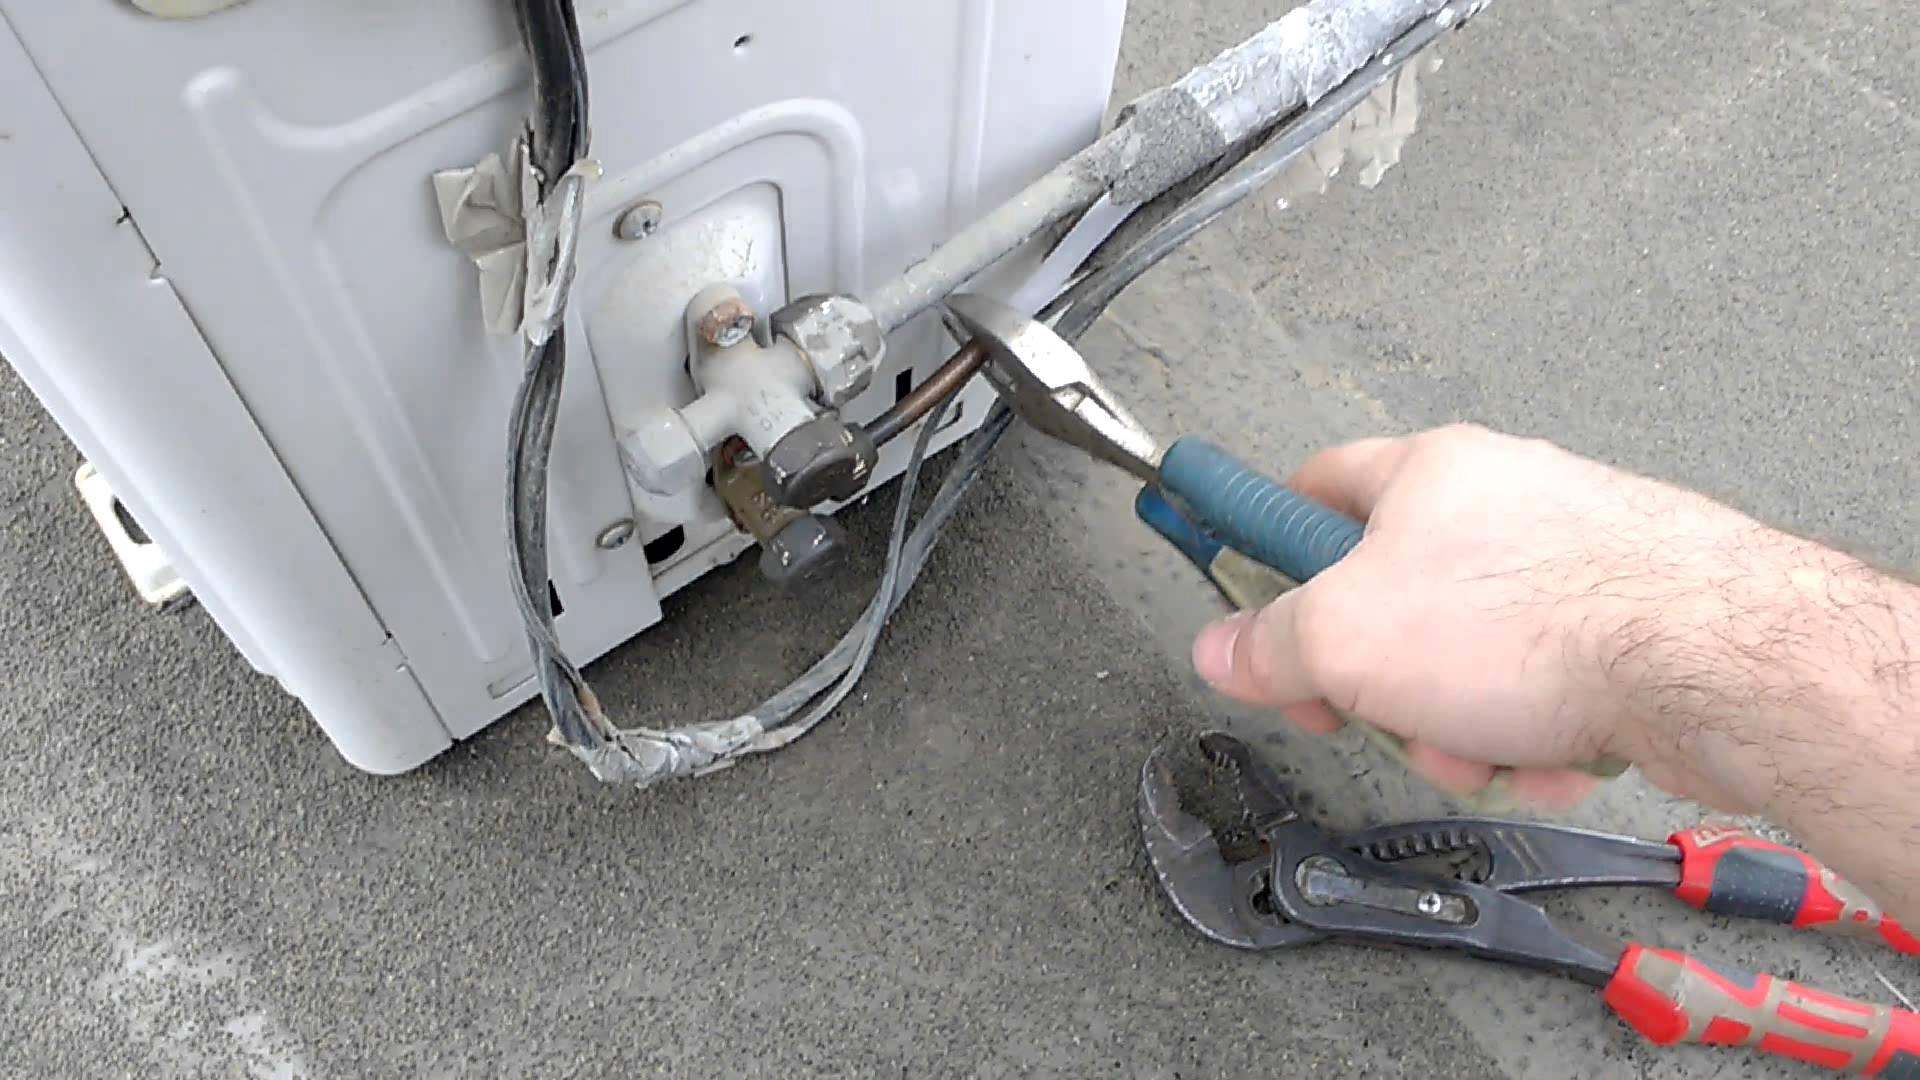 Как демонтировать кондиционер своими руками с сохранением фреона и без сохранения фреона - пошаговая инструкция